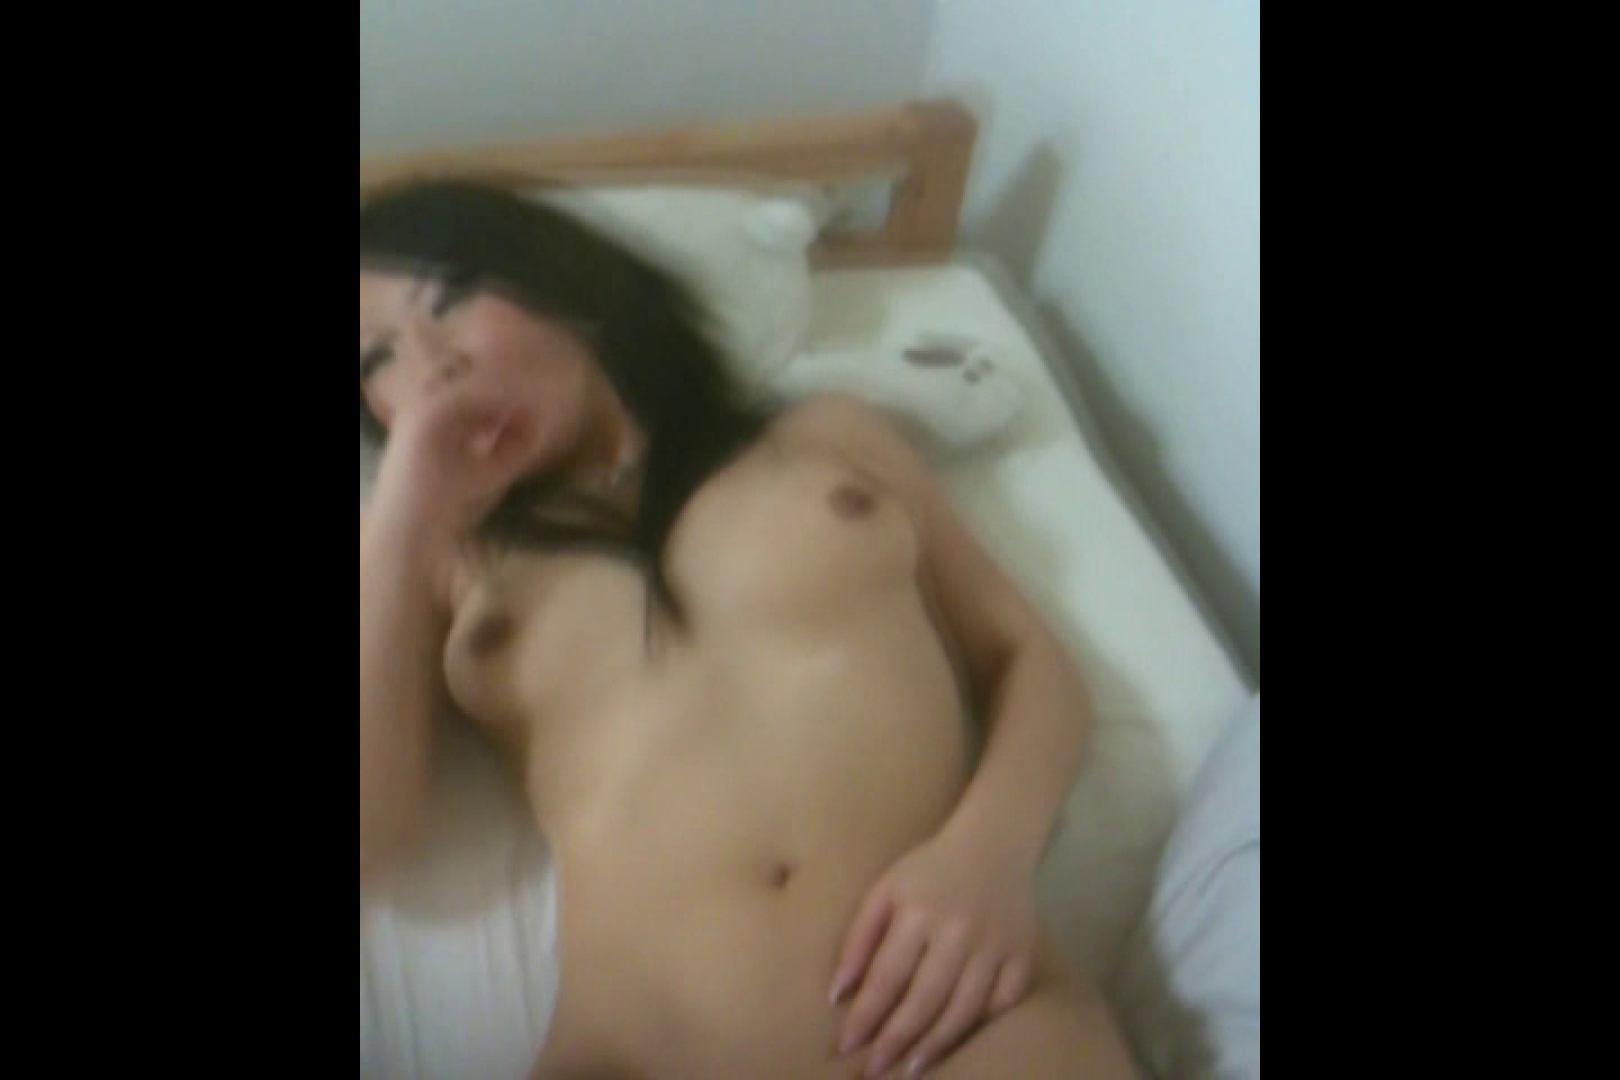 素人流出動画 AMIちゃんYUMIちゃんの秘密の携帯ムービーvol.2 素人 セックス画像 99連発 35